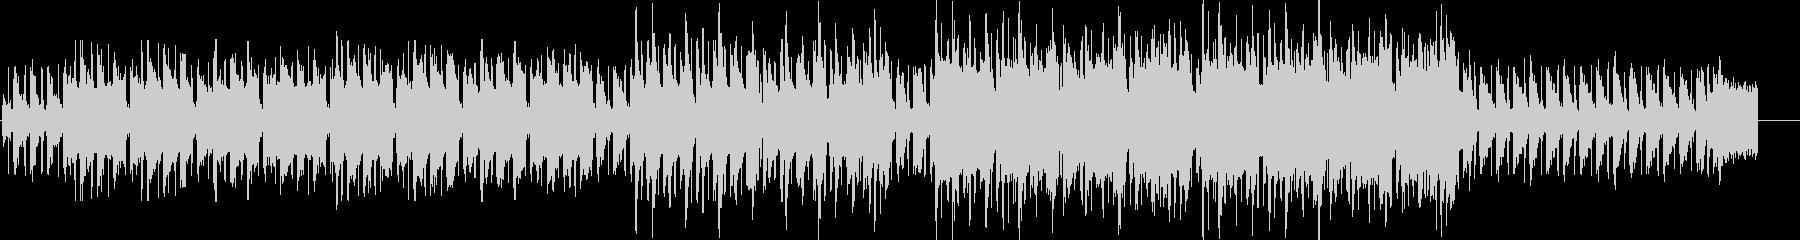 アコーディオンが奏でる哀愁感のあるワルツの未再生の波形